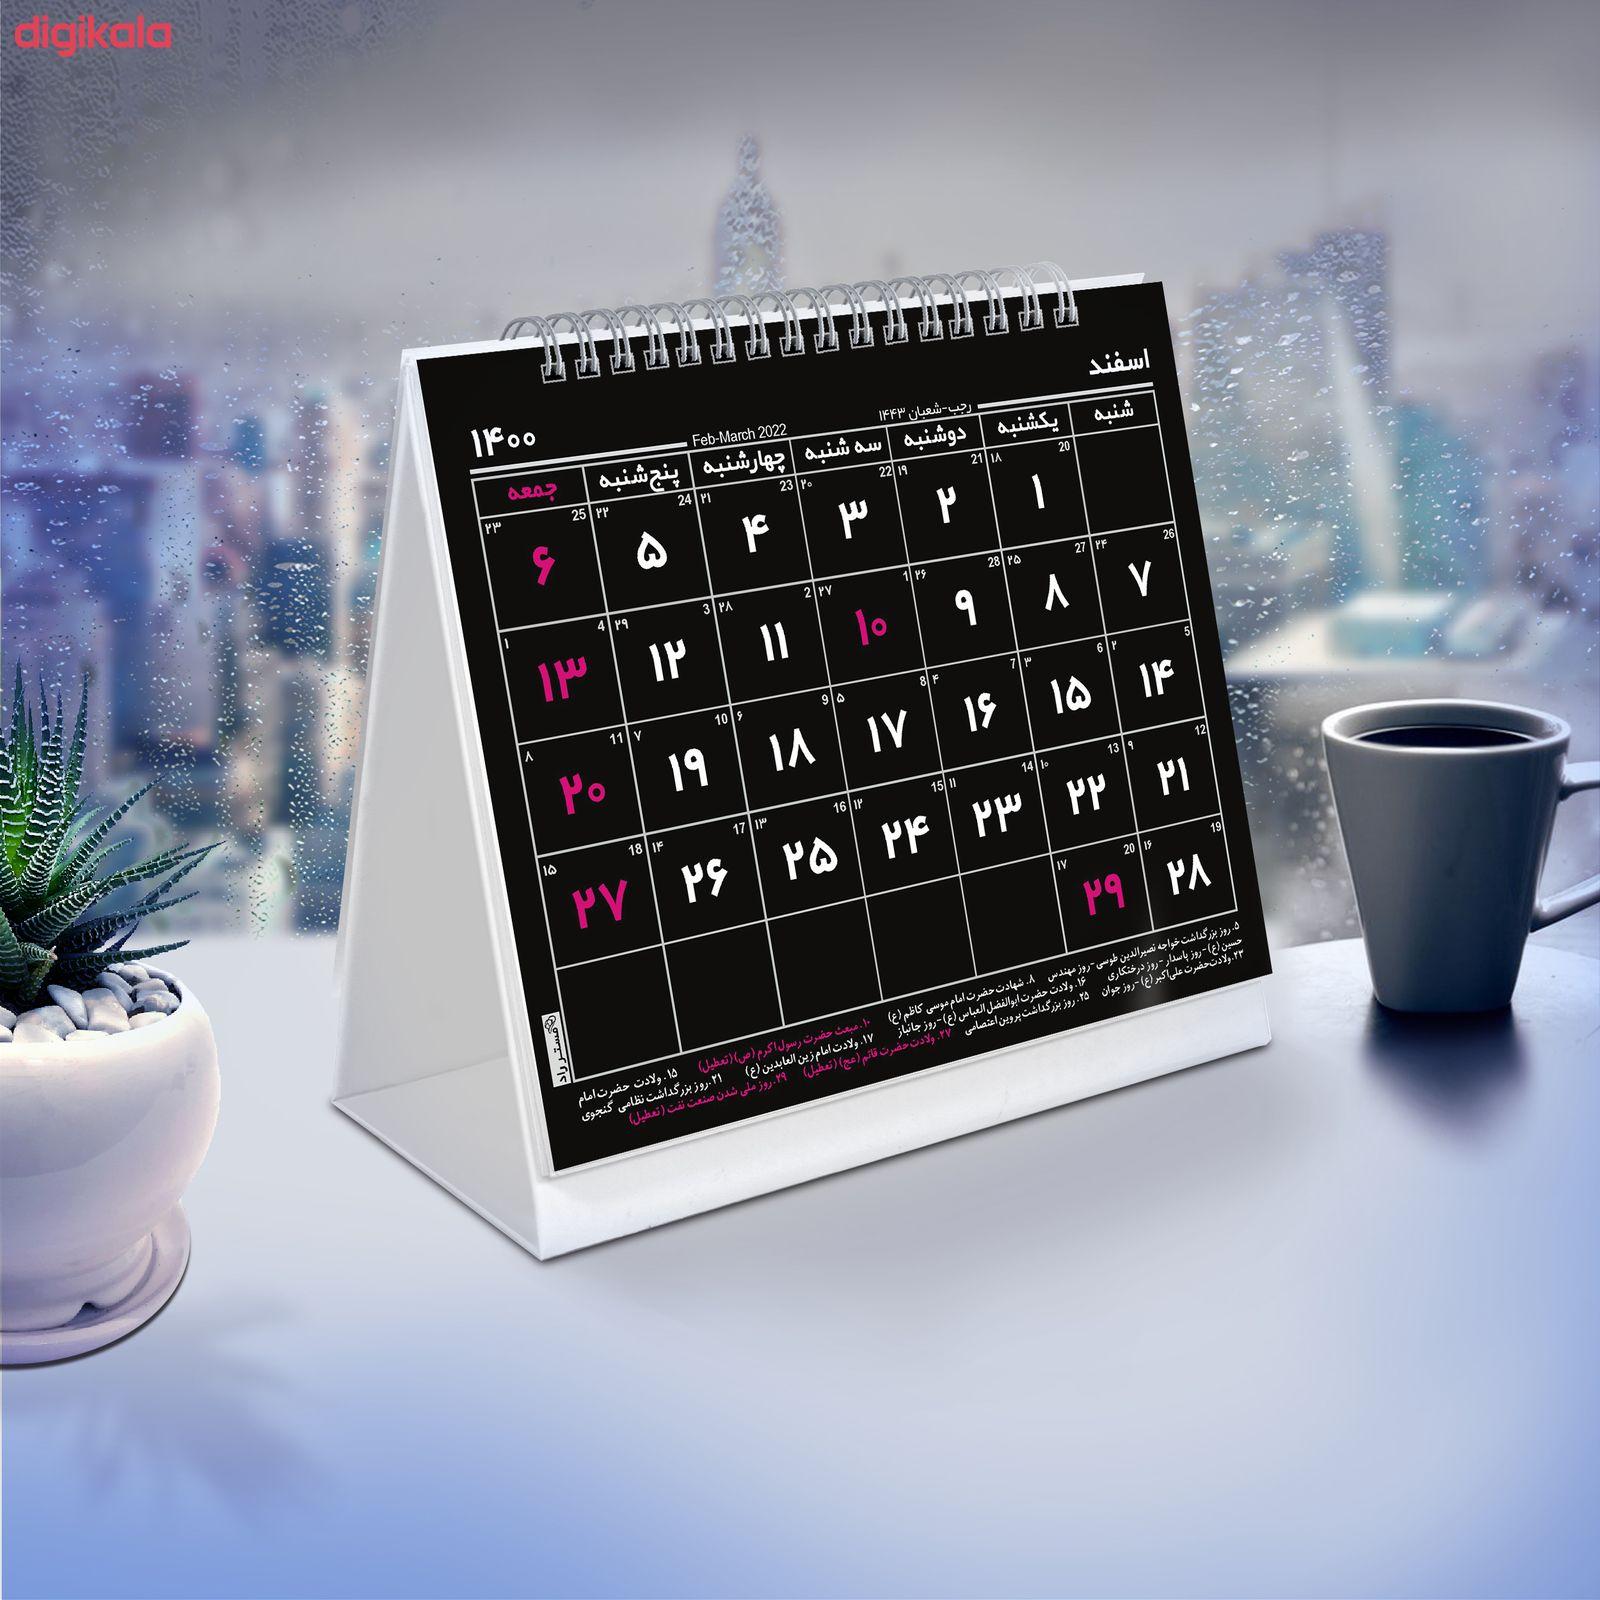 تقویم رومیزیسال 1400  مستر راد مدل endar 2021 کد s20 main 1 1